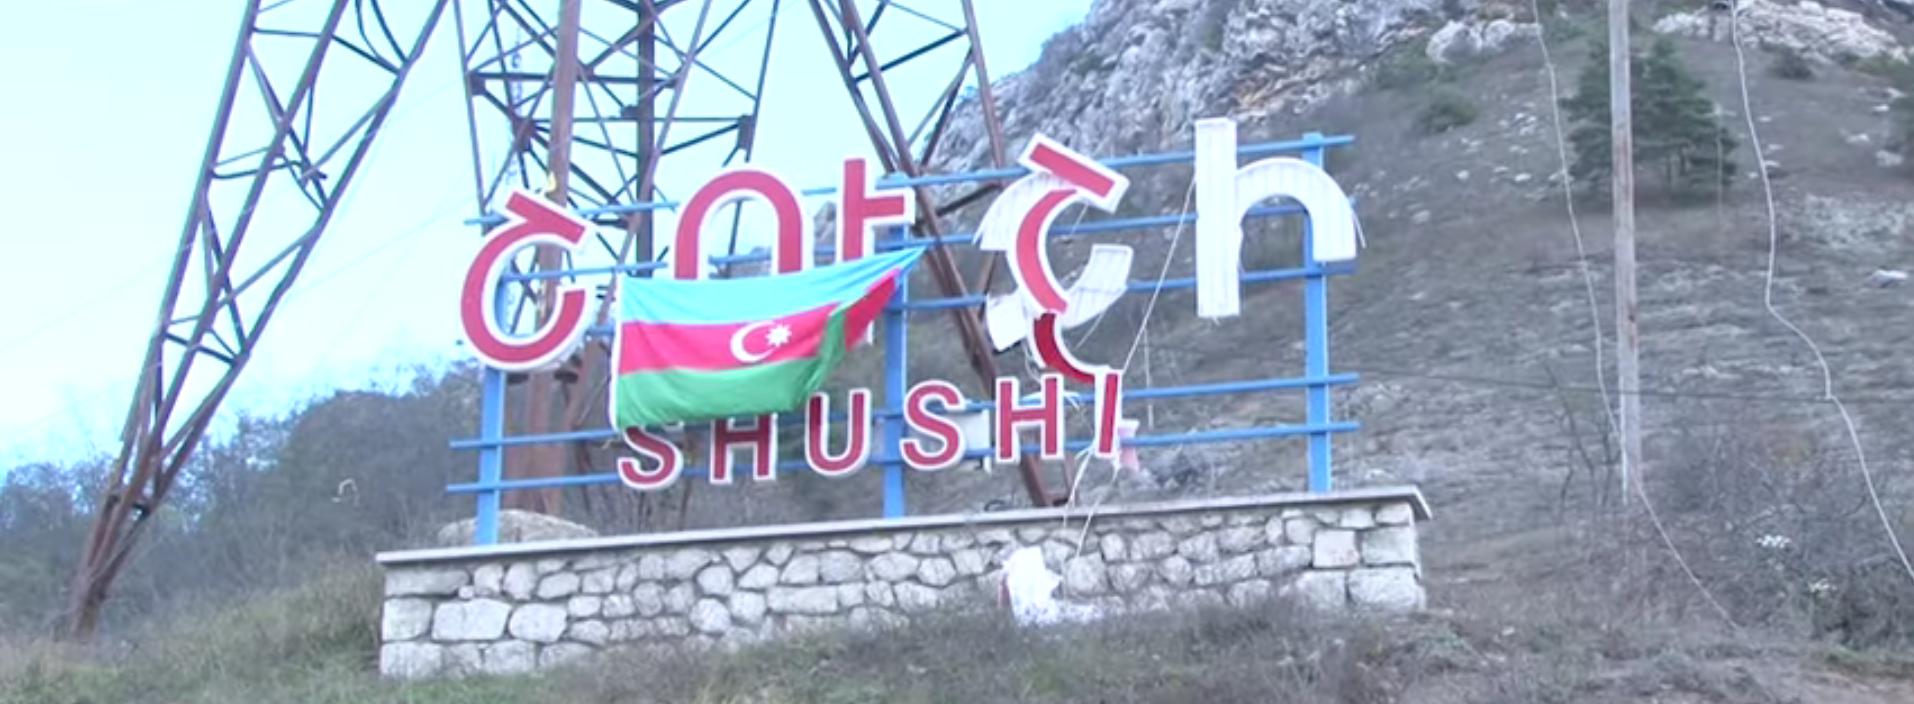 Бои за Шуши: над городом уже развевается флаг Азербайджана – кадры обошли Сеть